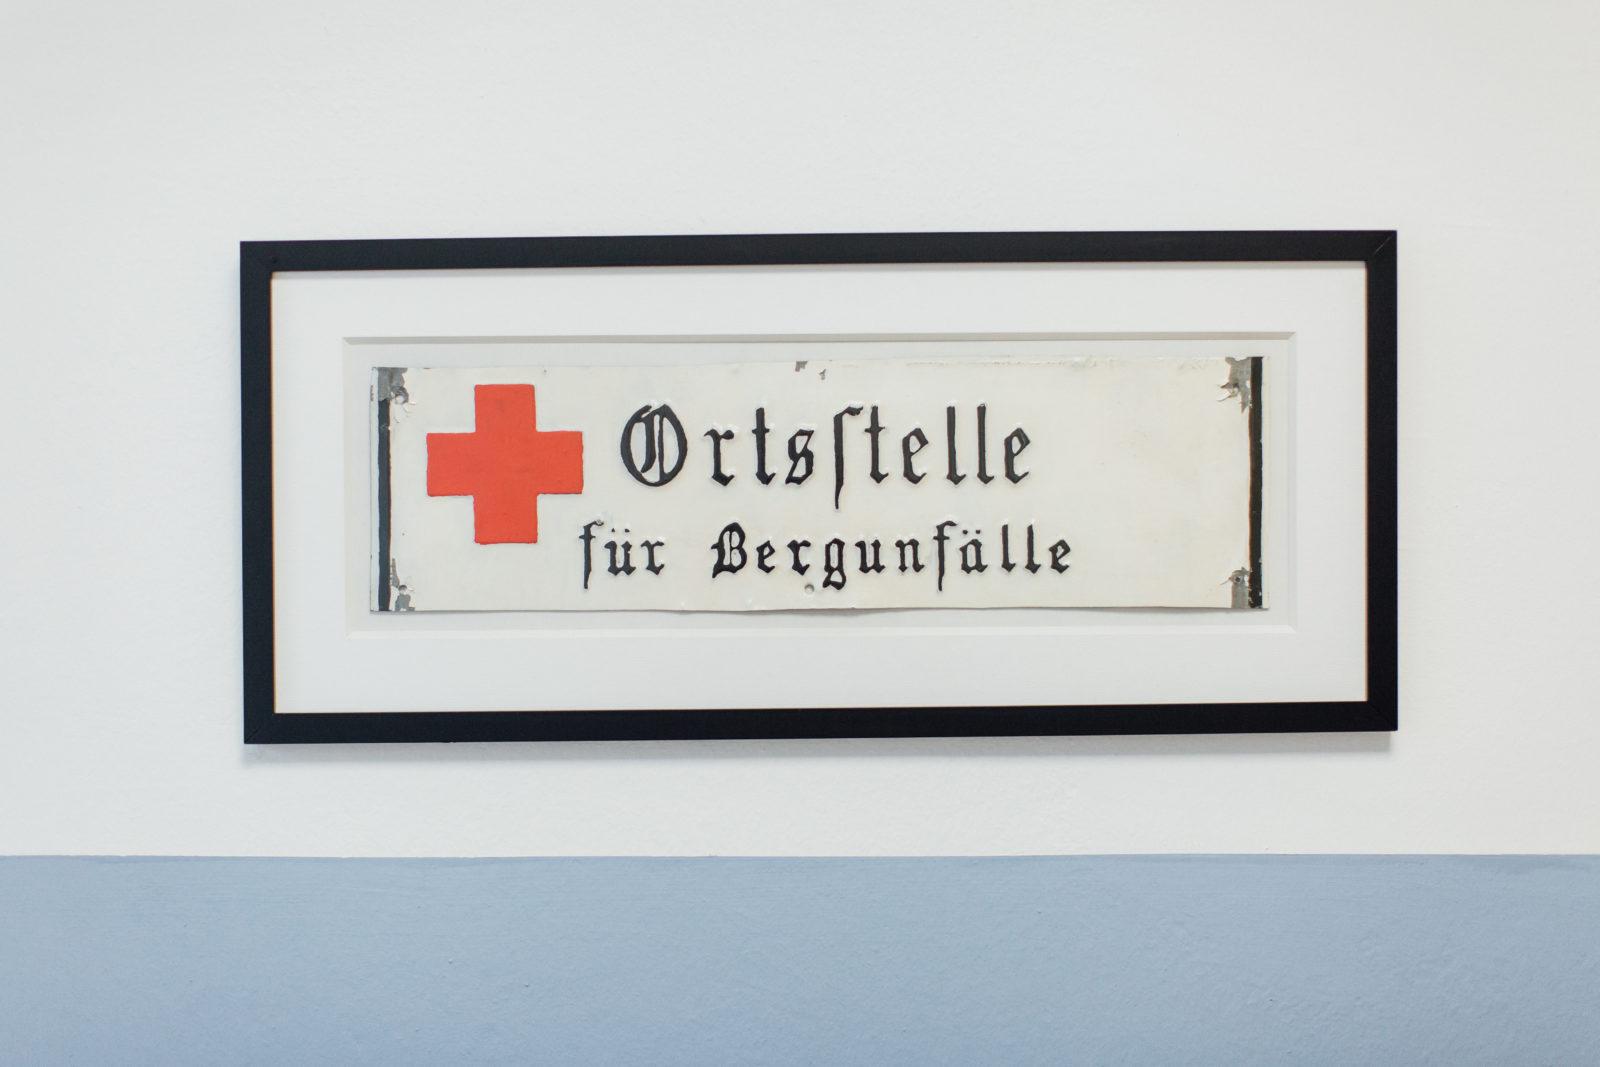 arzt_doctor_doktor_lofer_salzburg_gunther_schlederer_schild_2